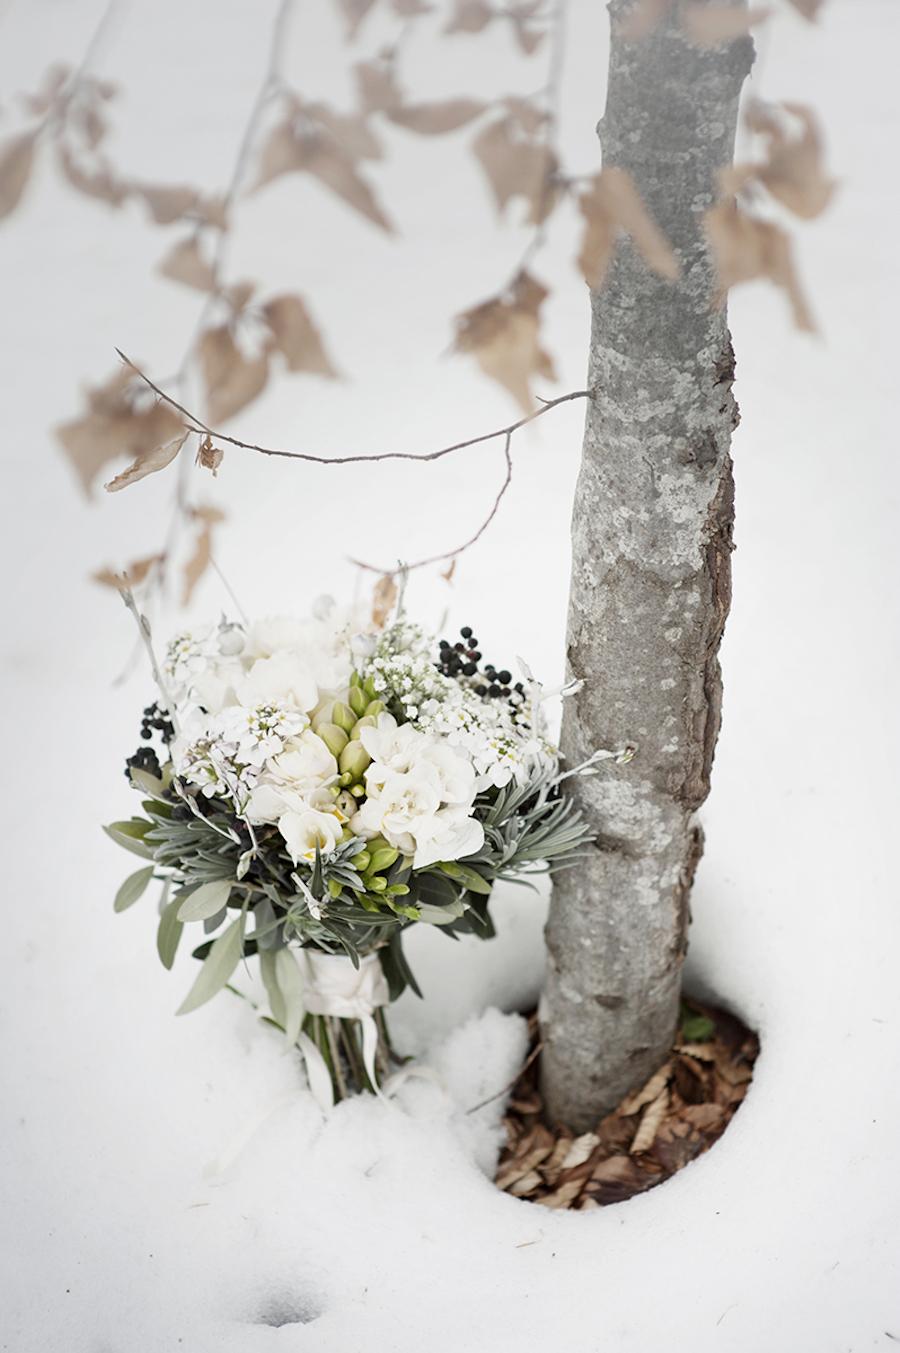 idee-matrimonio-in-inverno-02